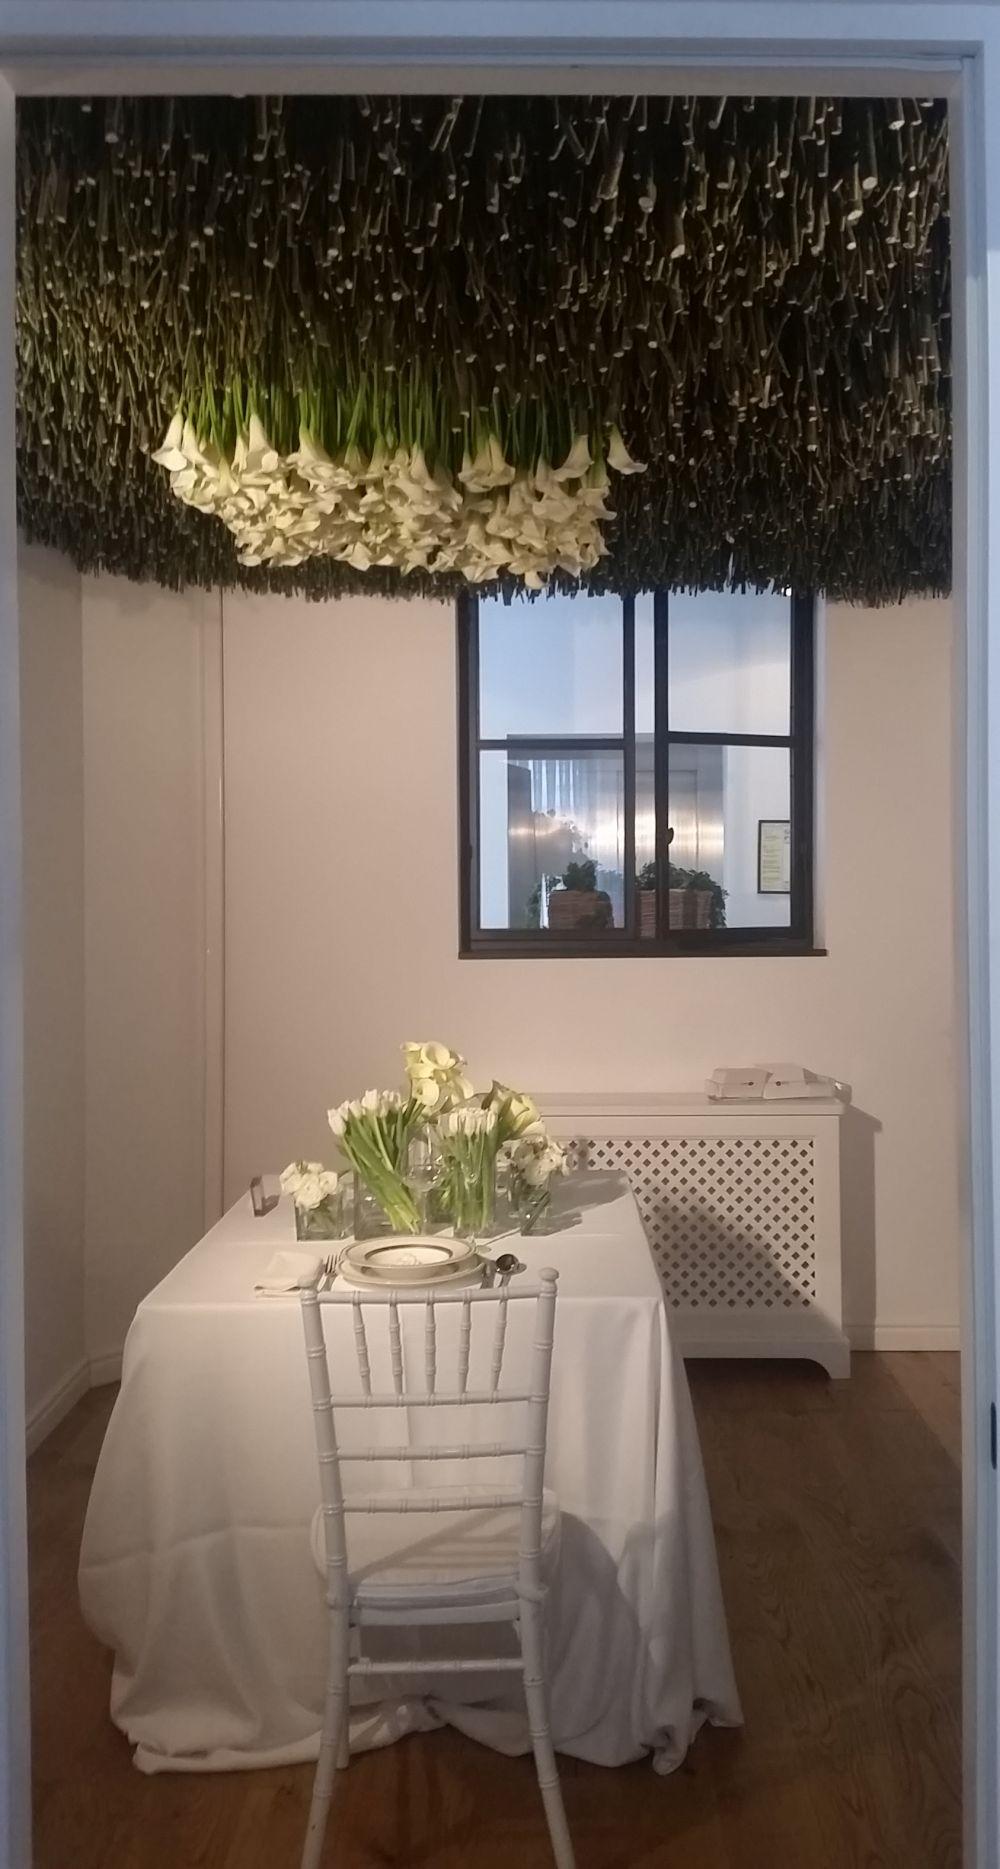 adelaparvu-com-despre-the-wedding-gallery-2016-floraria-iris-design-nicu-bocancea-43